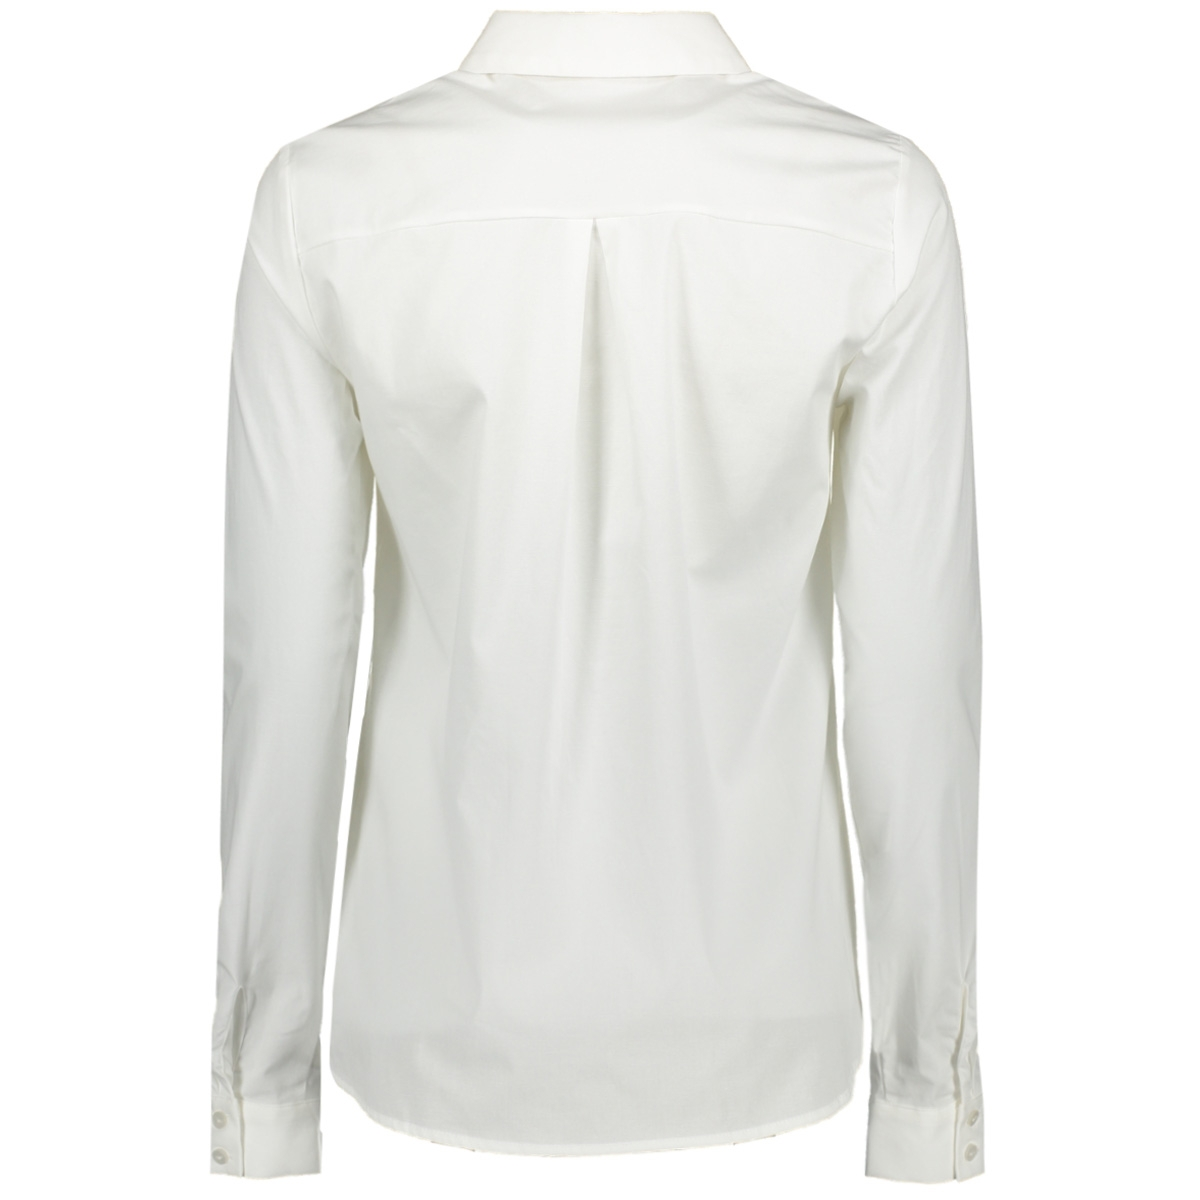 vichau l/s shirt-noos 14039617 vila blouse snow white